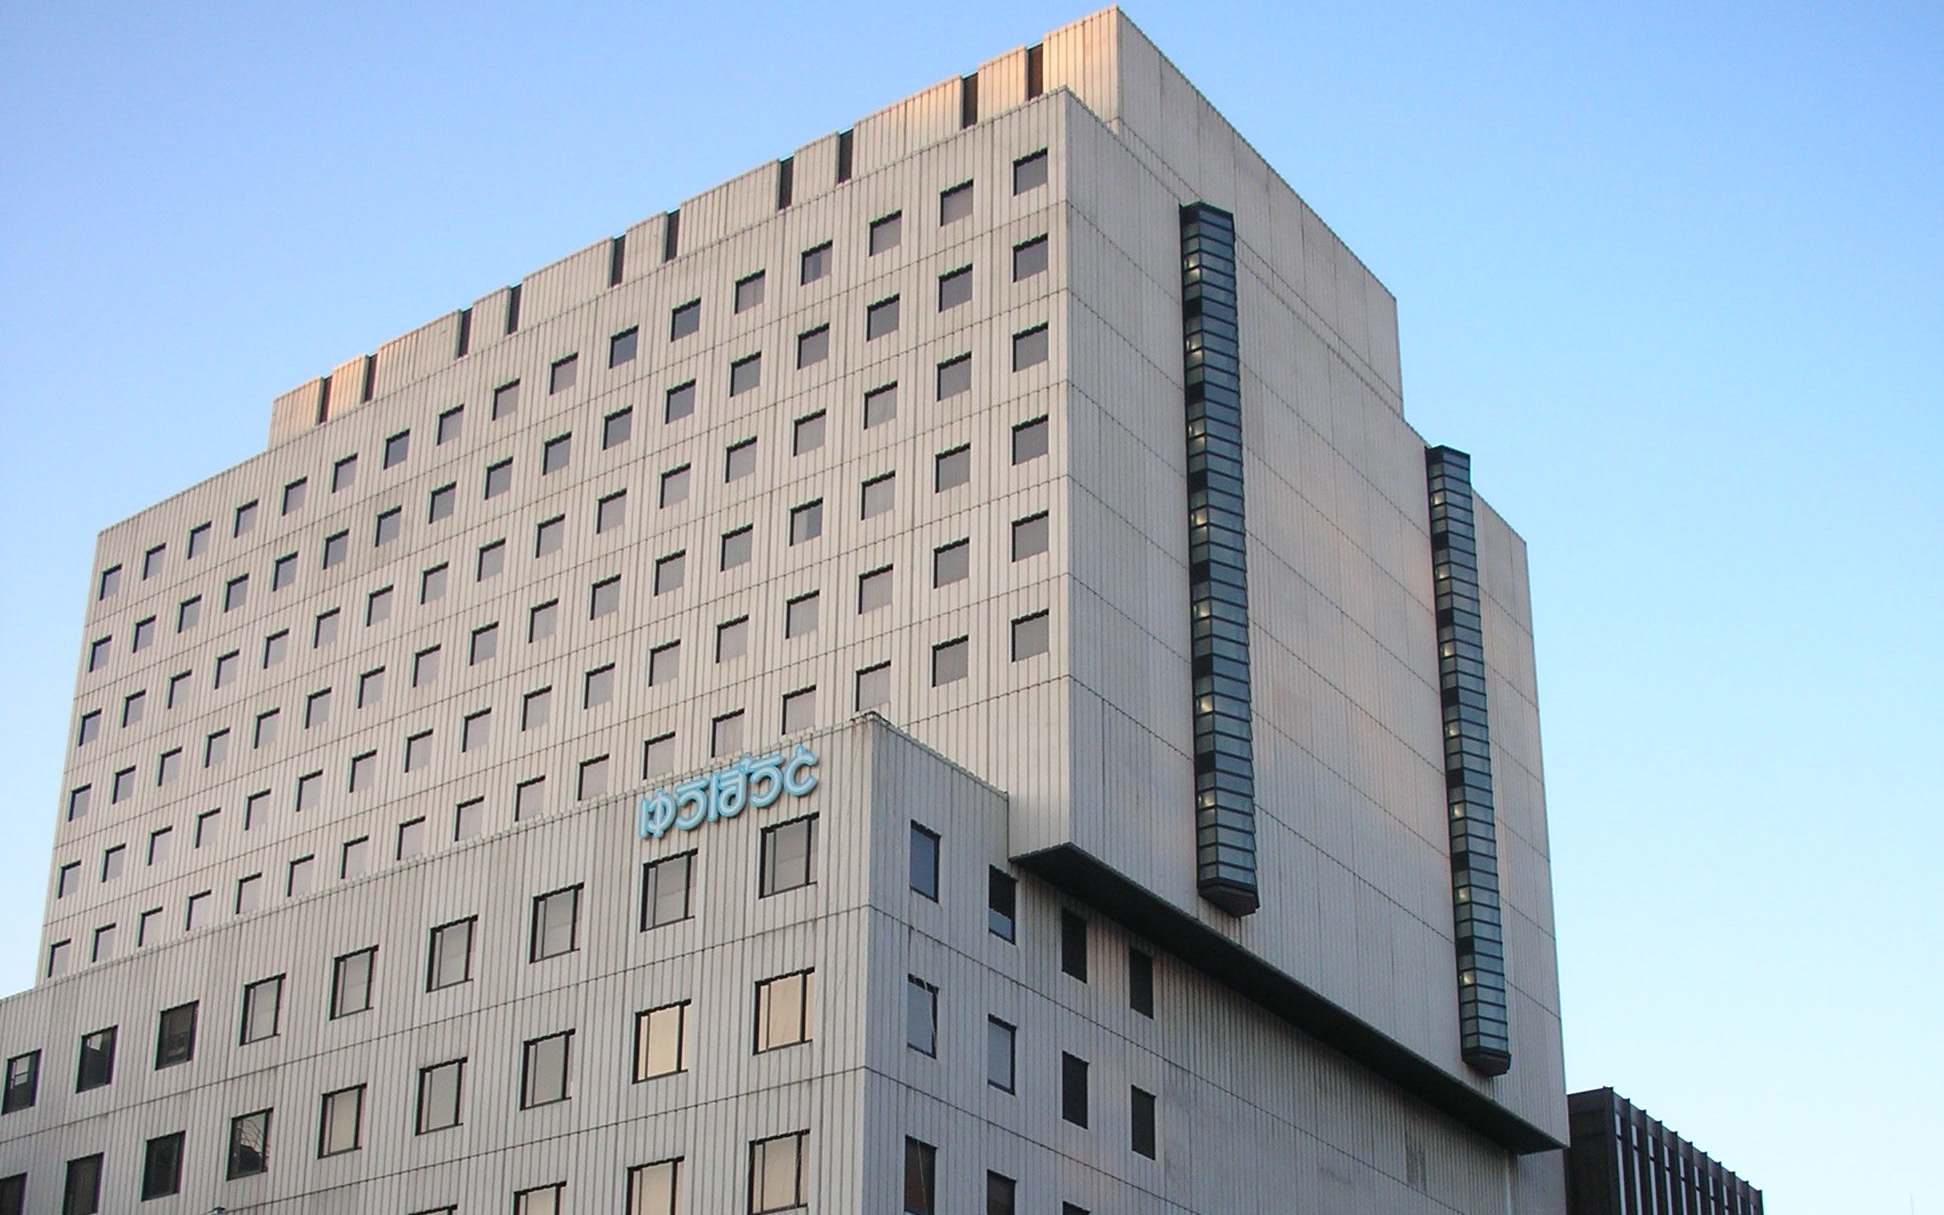 Yuport Kan-I Hoken Hall, Tokyo